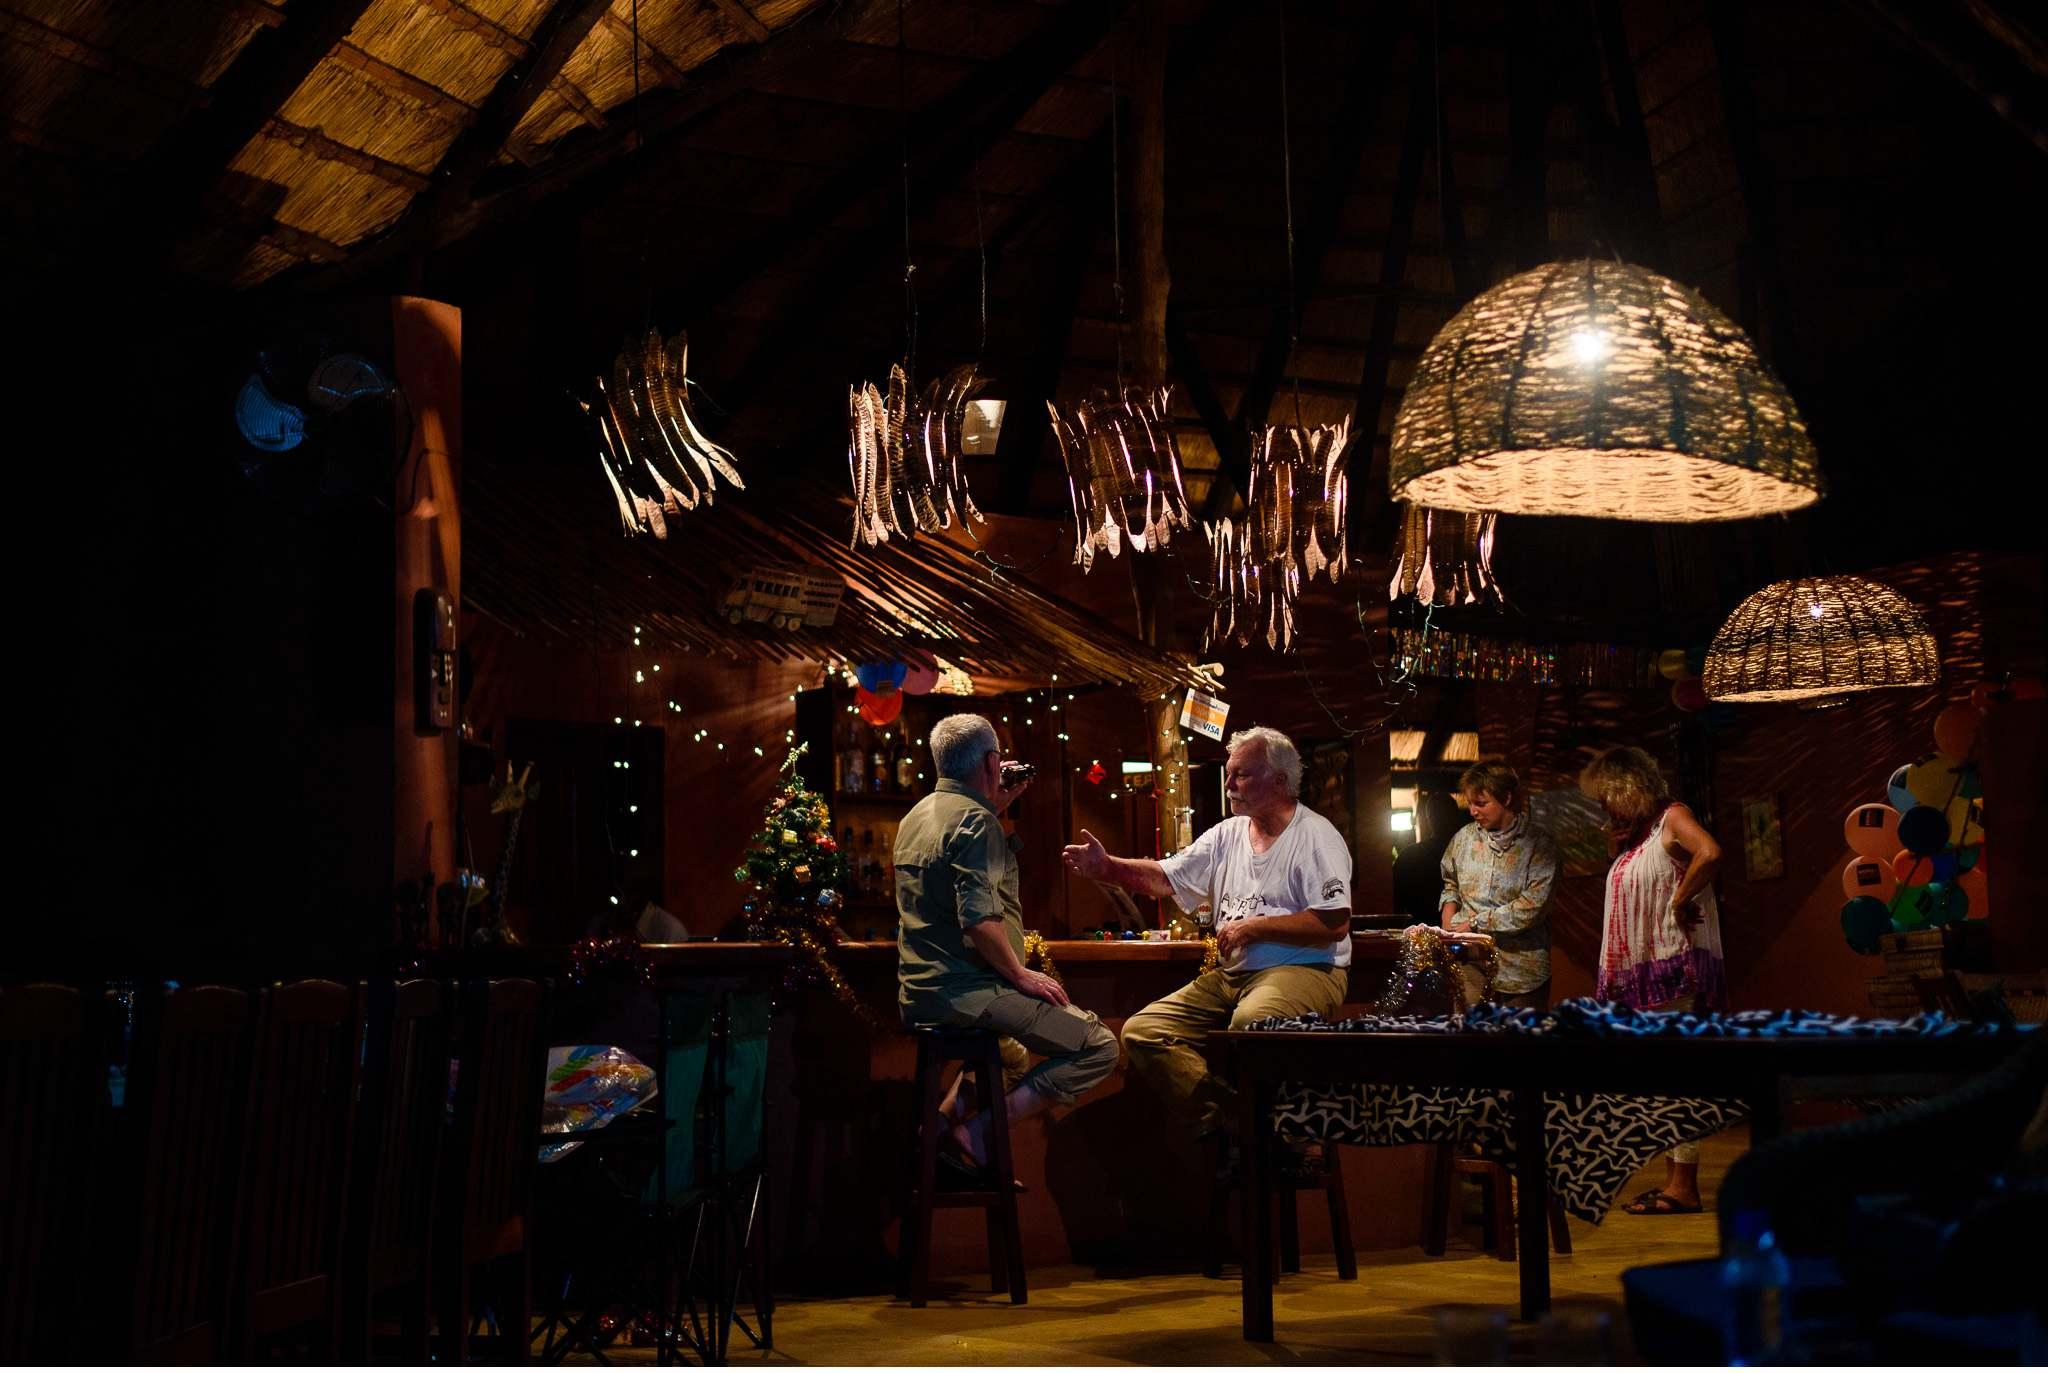 Vom South Luangwa in Zambia an den Malawi See - Marion und Daniel - Geschichten von unterwegs-105